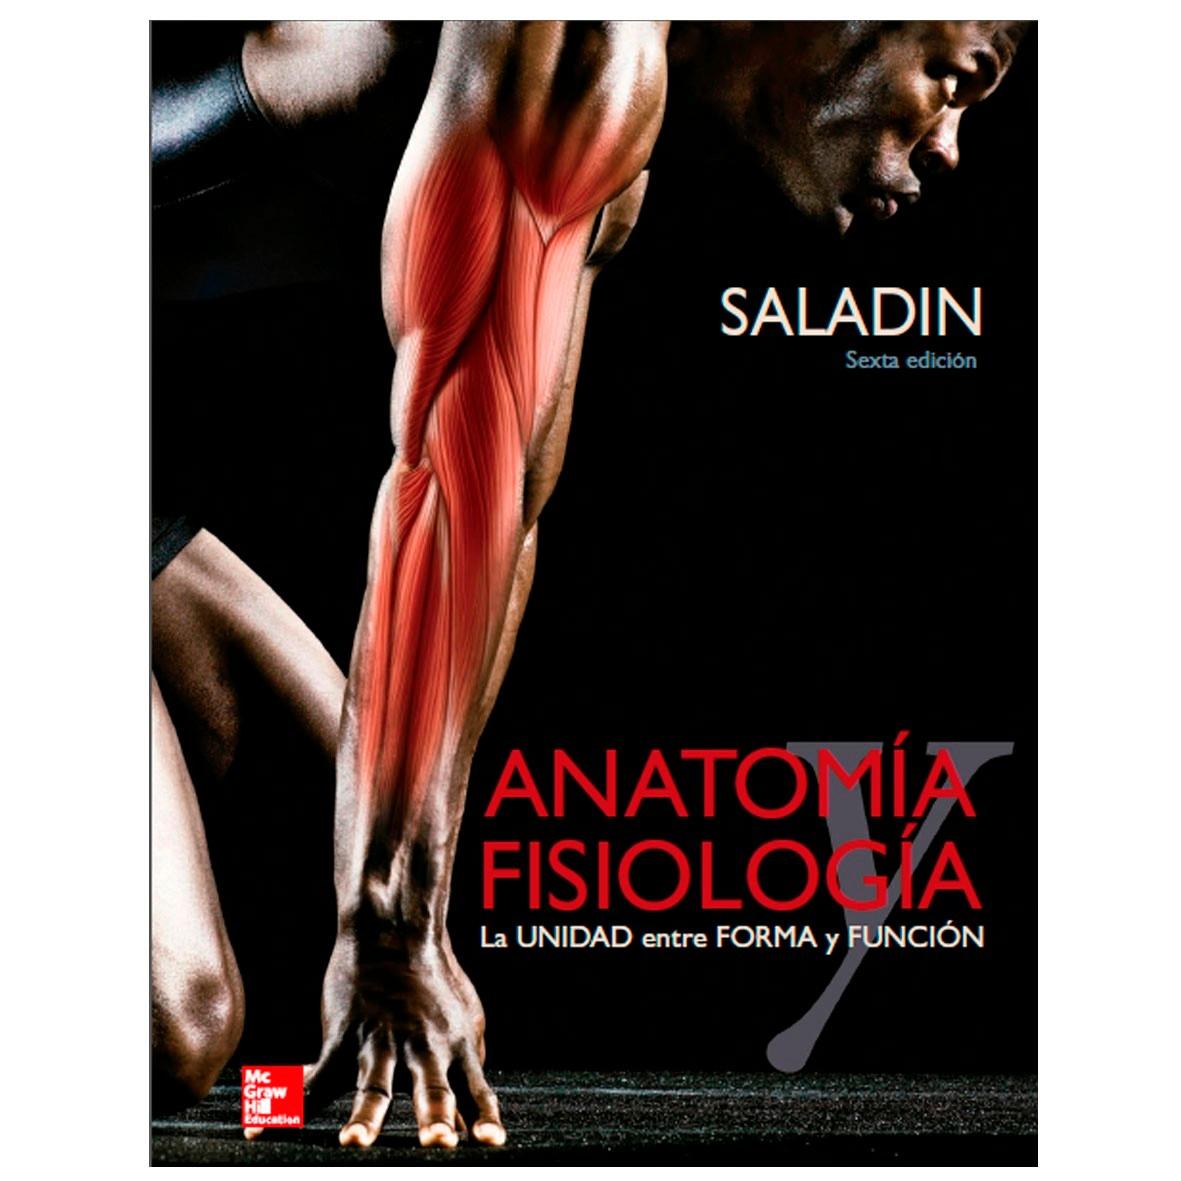 Perfecto Saladino Anatomía Y Fisiología Página Web Sexta Edición ...